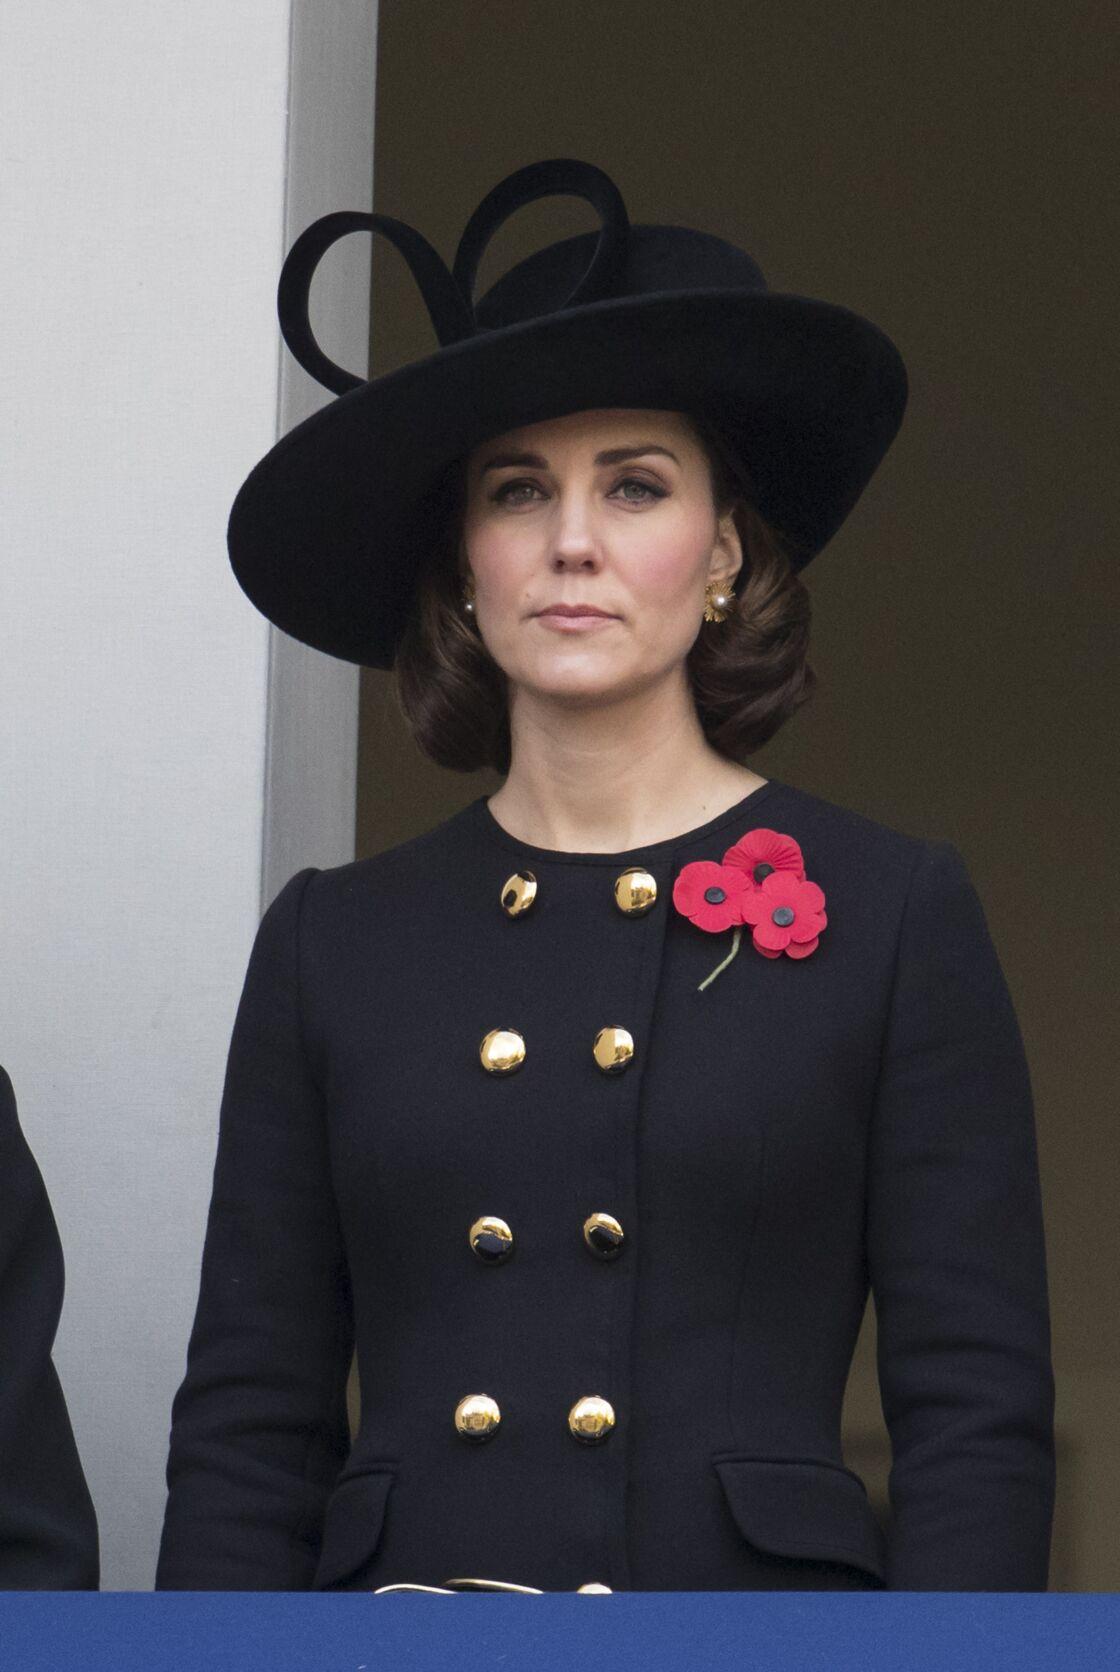 Kate Middleton porte le manteau Dolce & Gabbana d'influence militaire lors de la cérémonie du Remembrance Sunday à Londres, le 12 novembre 2017.